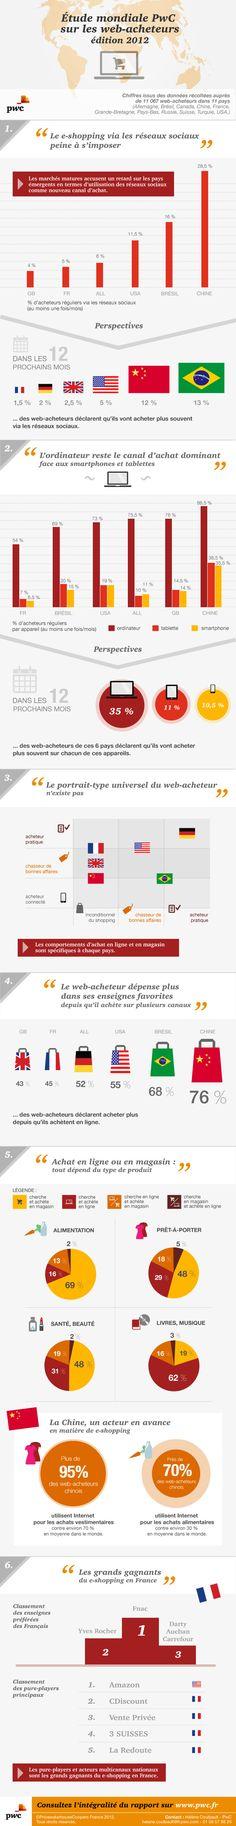 Le e-commerce mondial et les web-acheteurs en 2012